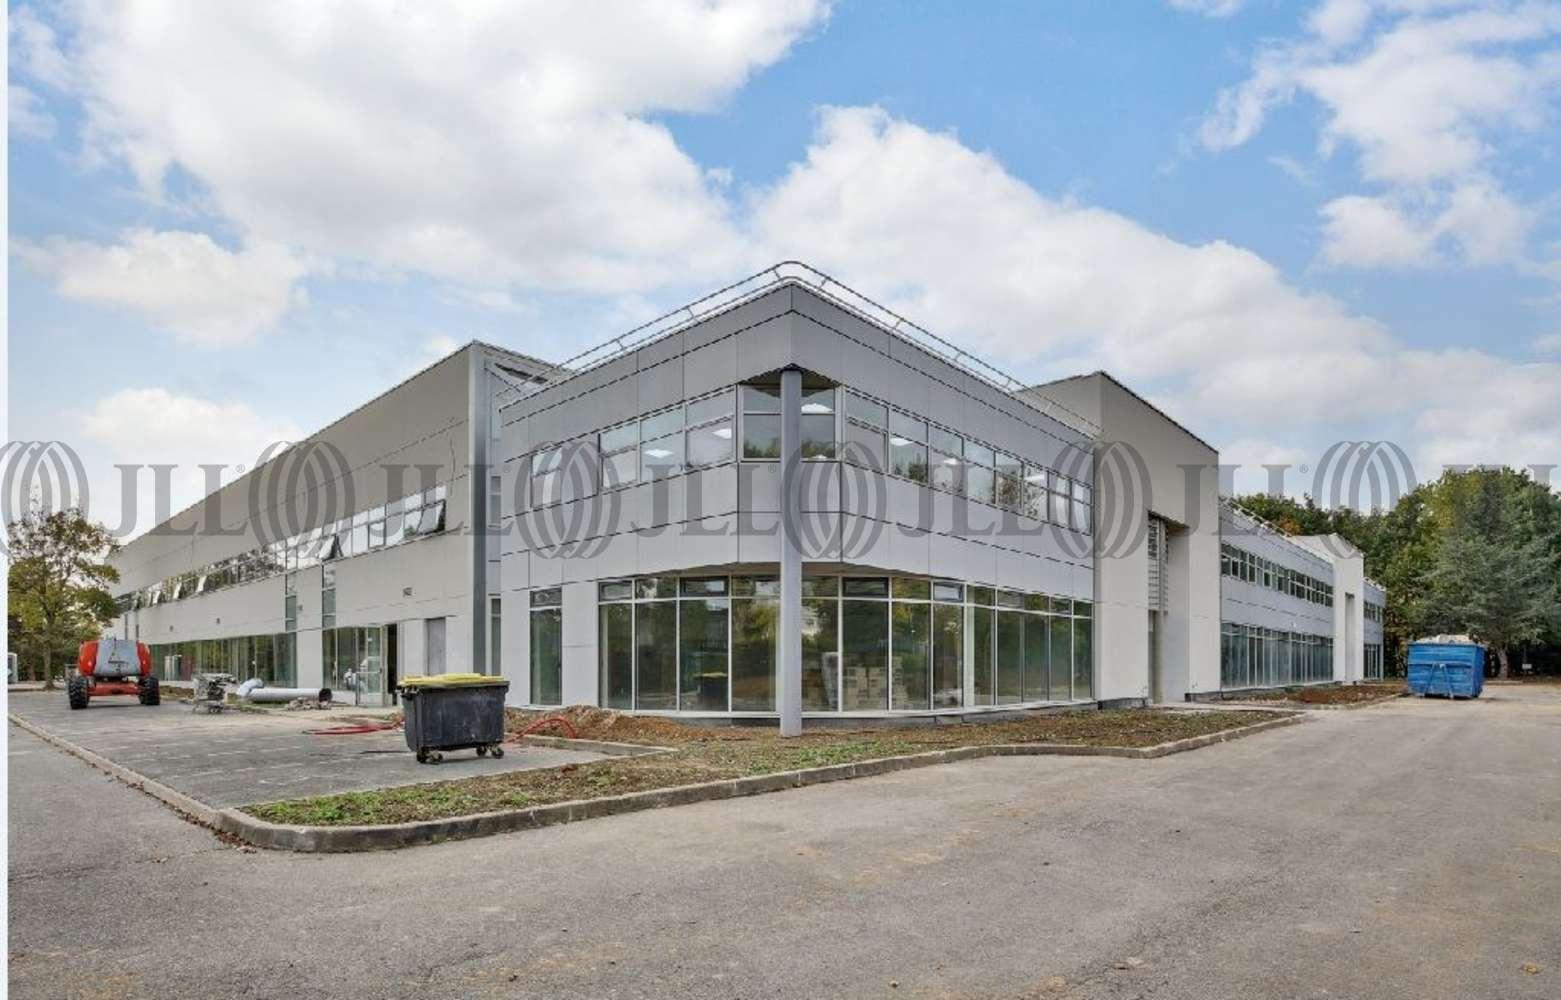 Activités/entrepôt Tremblay en france, 93290 - IDF NORD / POLE DE ROISSY - 10876122